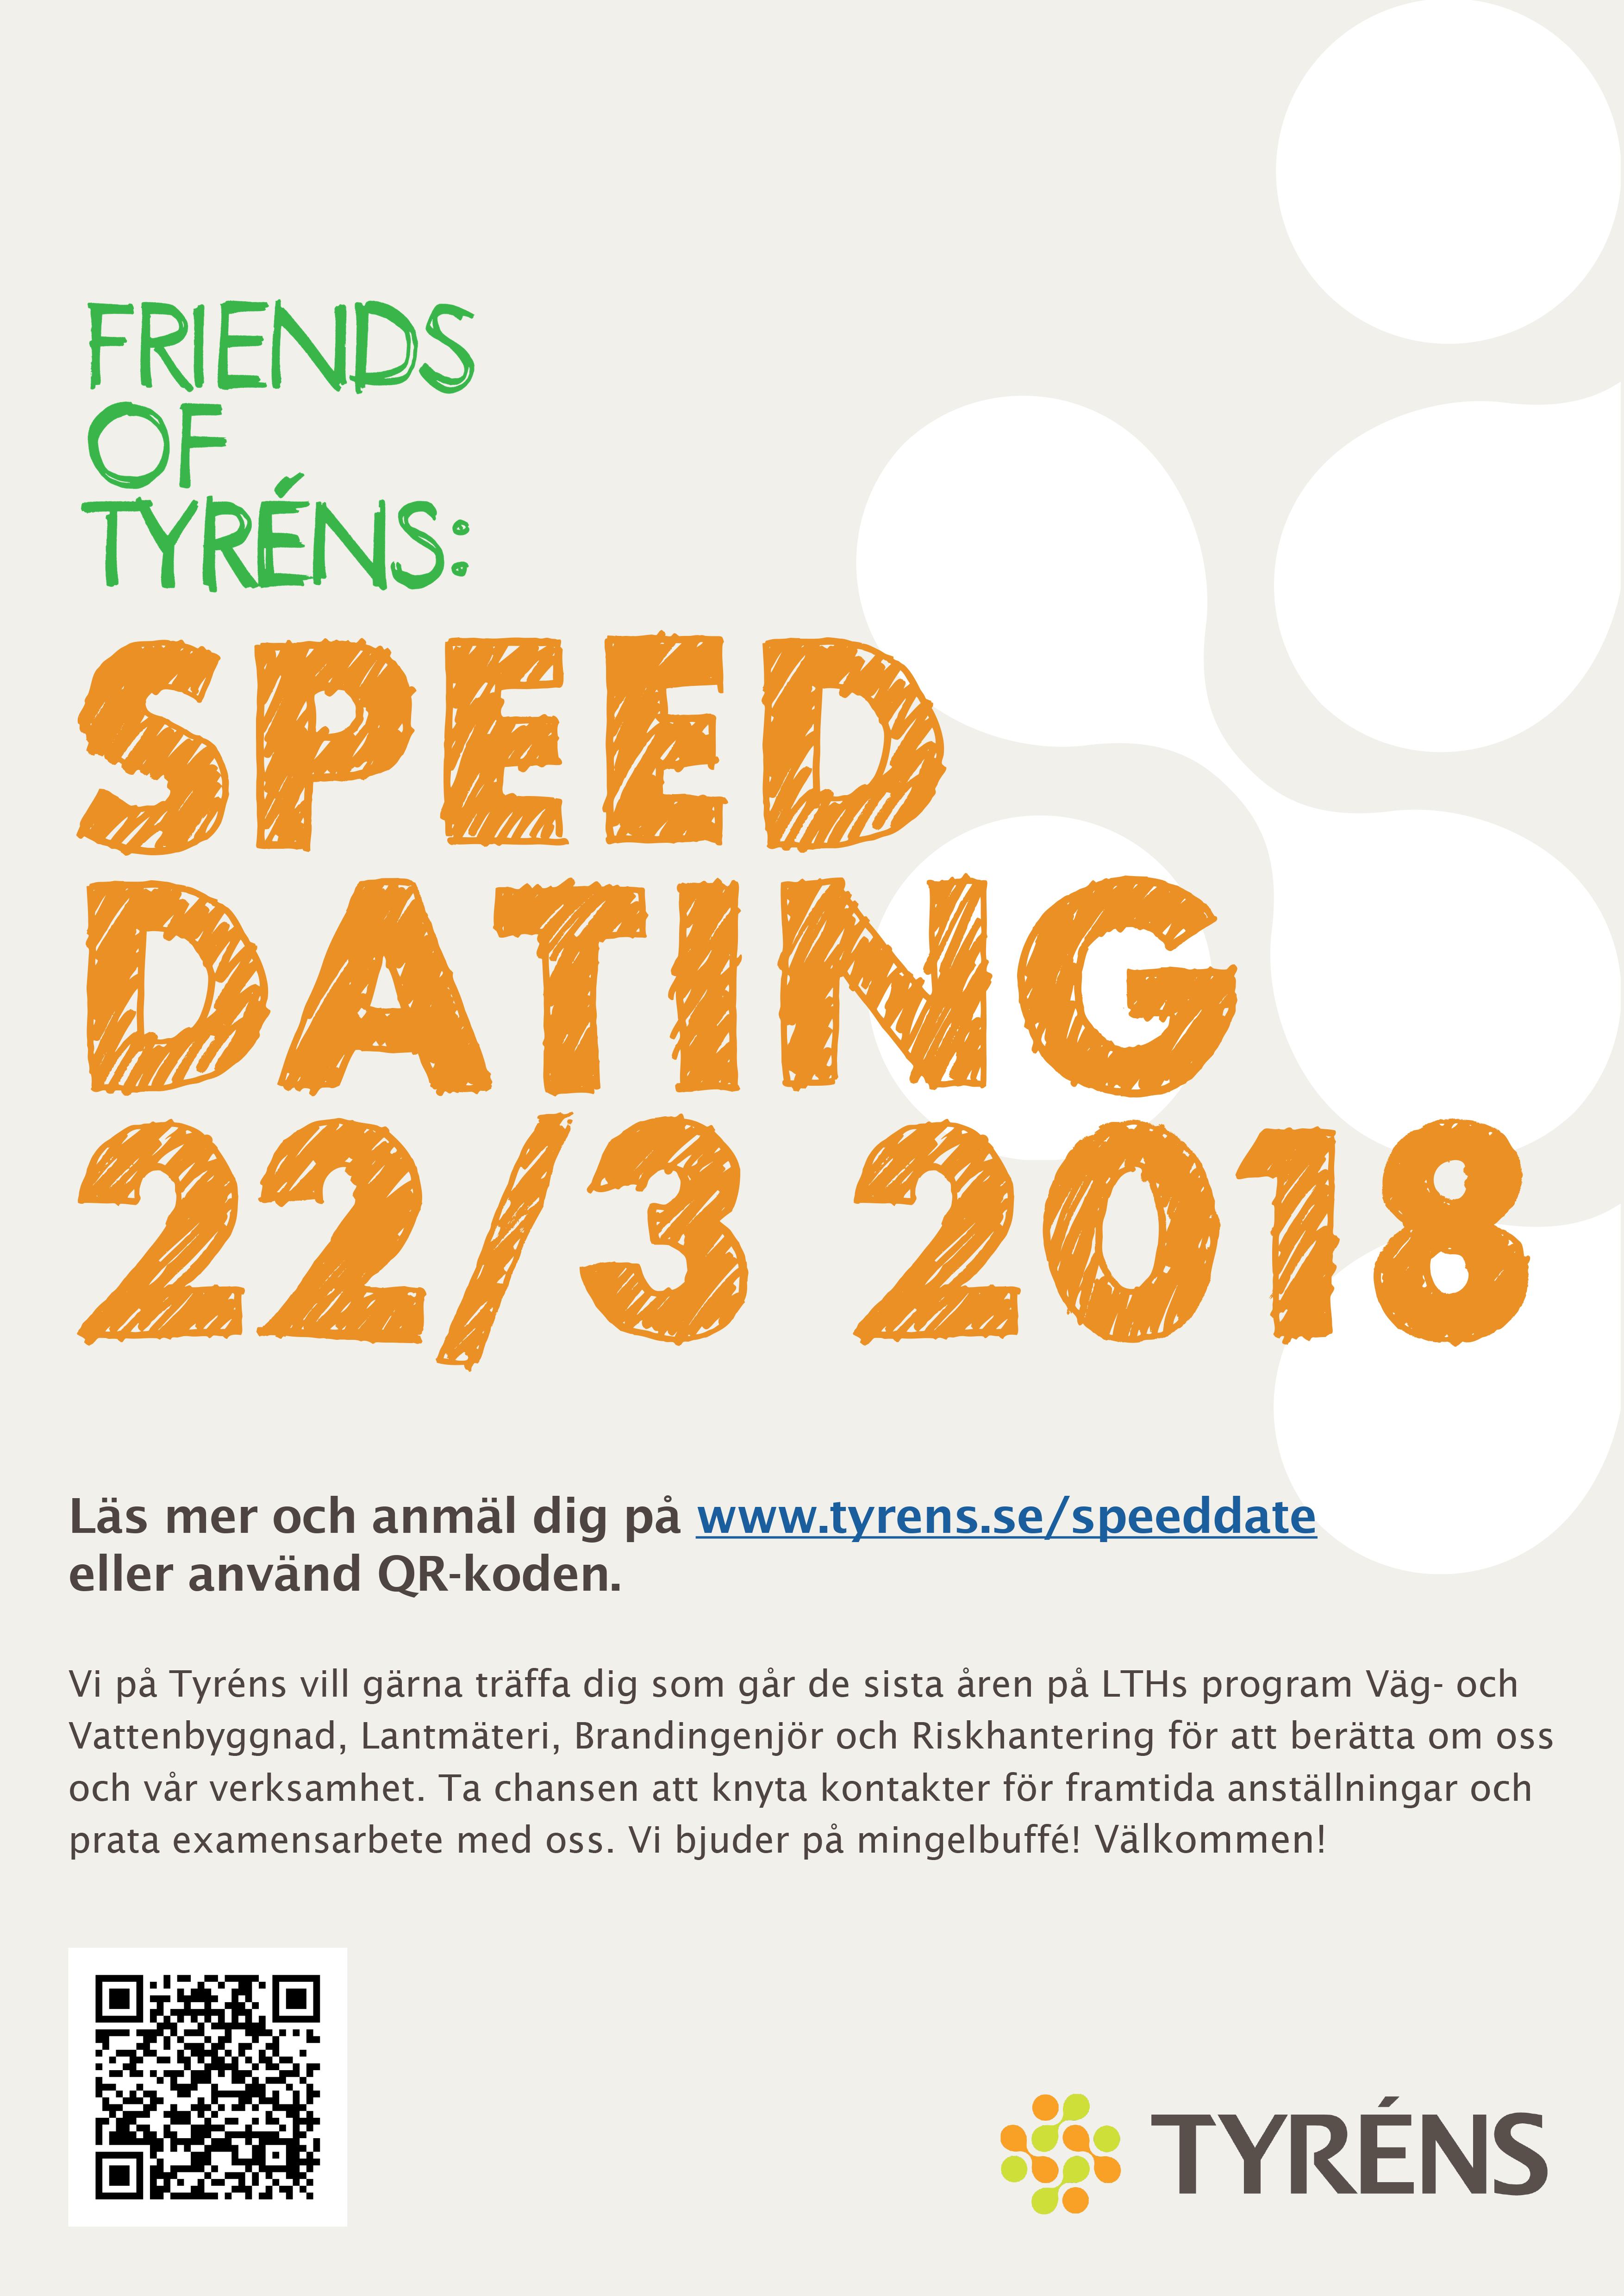 Dating webb design företag flaska dating UK